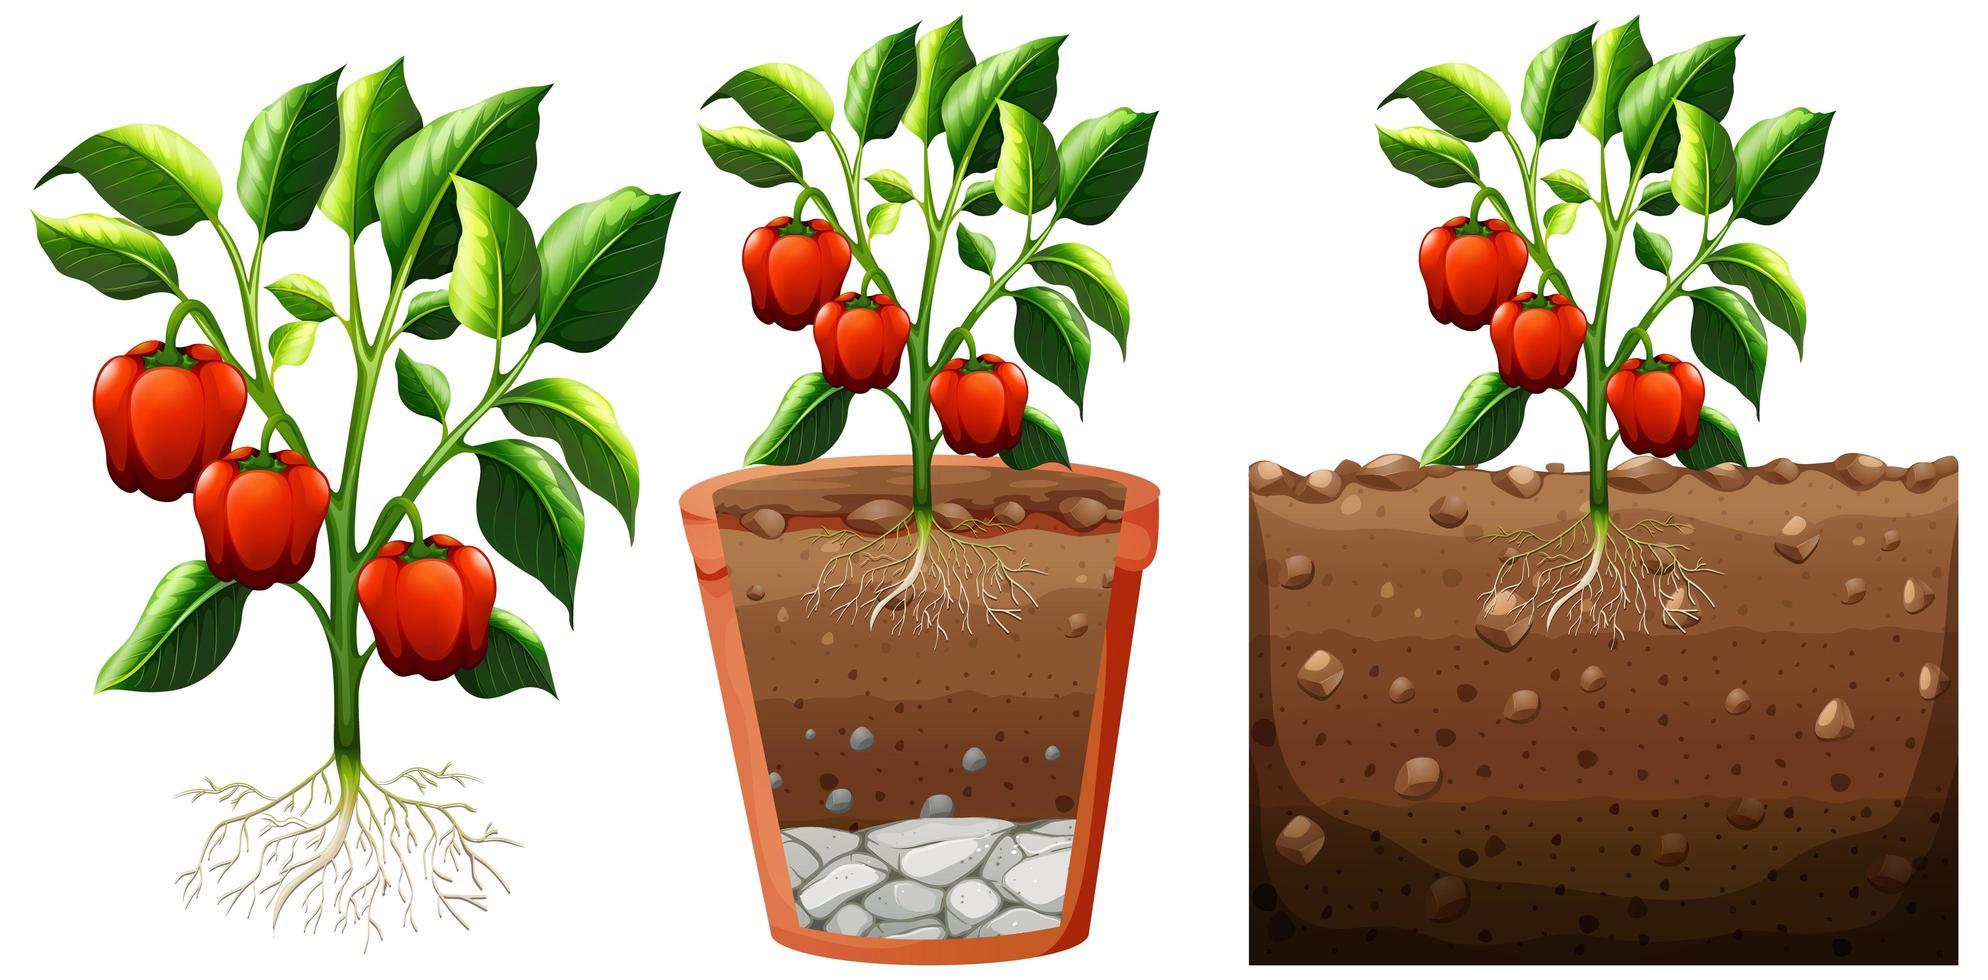 Ensemble de plante de poivron avec racines isolé sur fond blanc vecteur